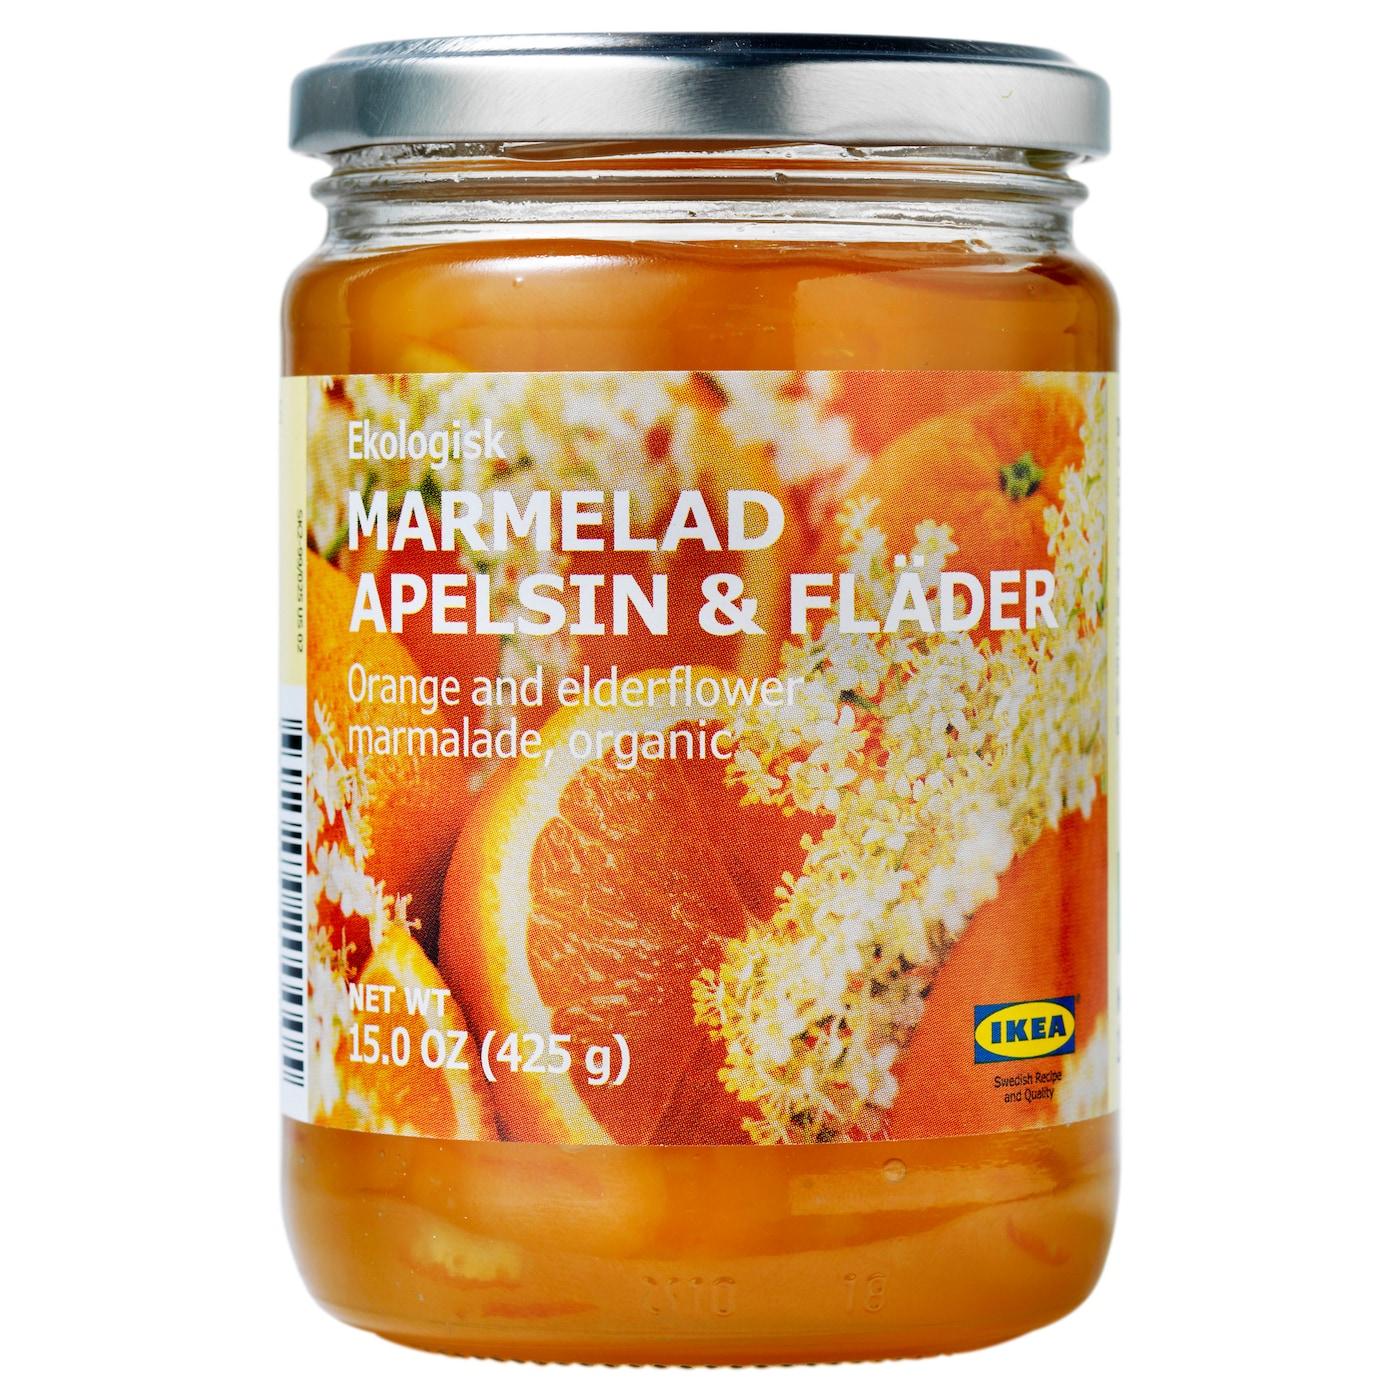 MARMELAD APELSIN & FLÄDER